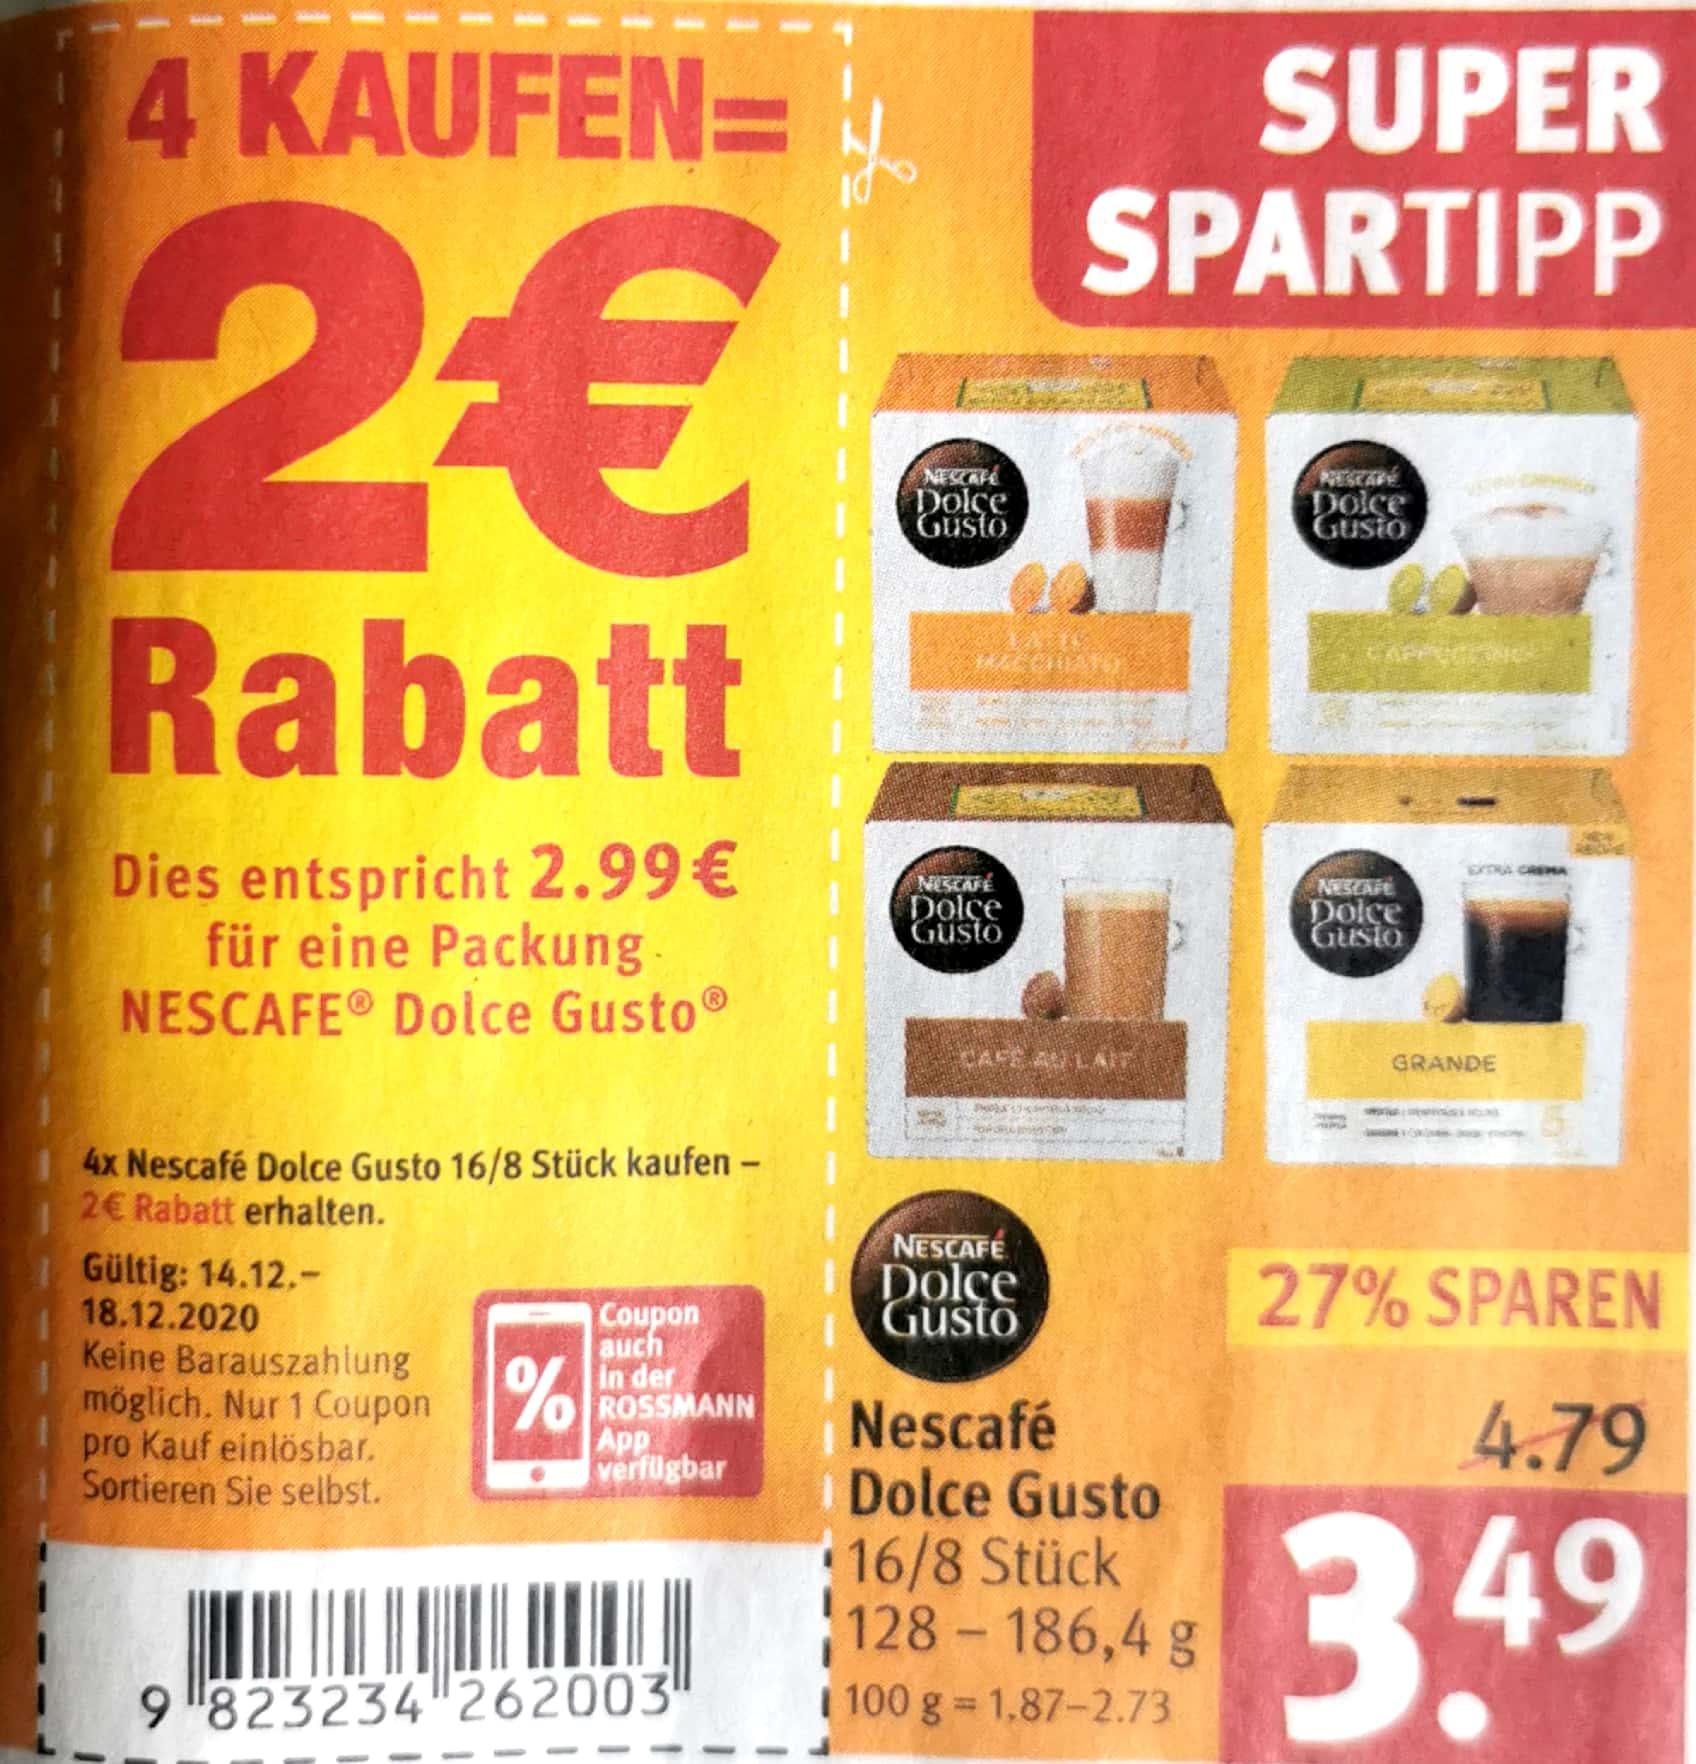 4x Dolce Gusto-Kapsel für 2,69€ pro Packung bei Rossmann